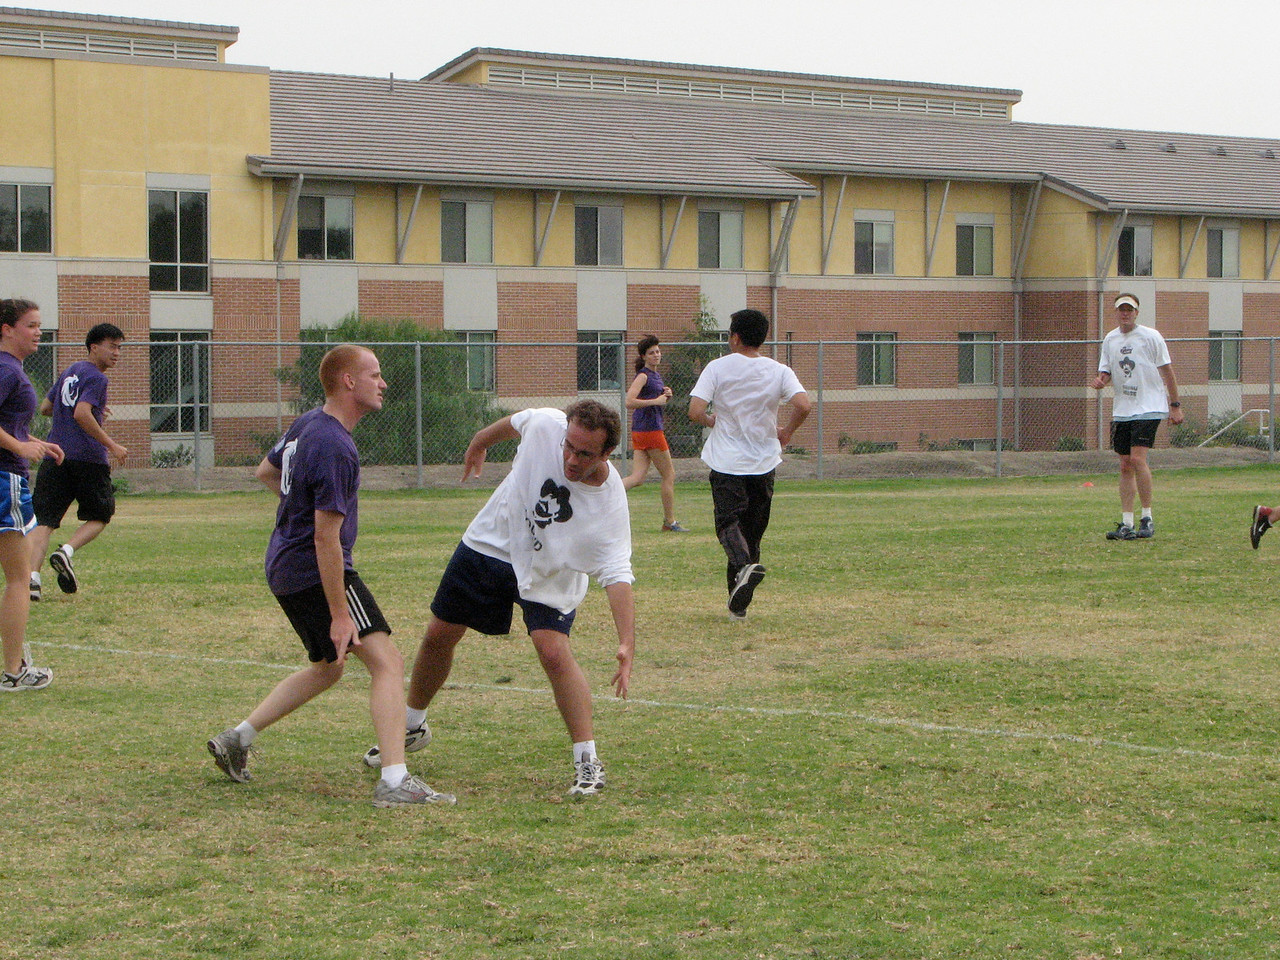 2006 11 03 Fri - Where'd the frisbee go?!?